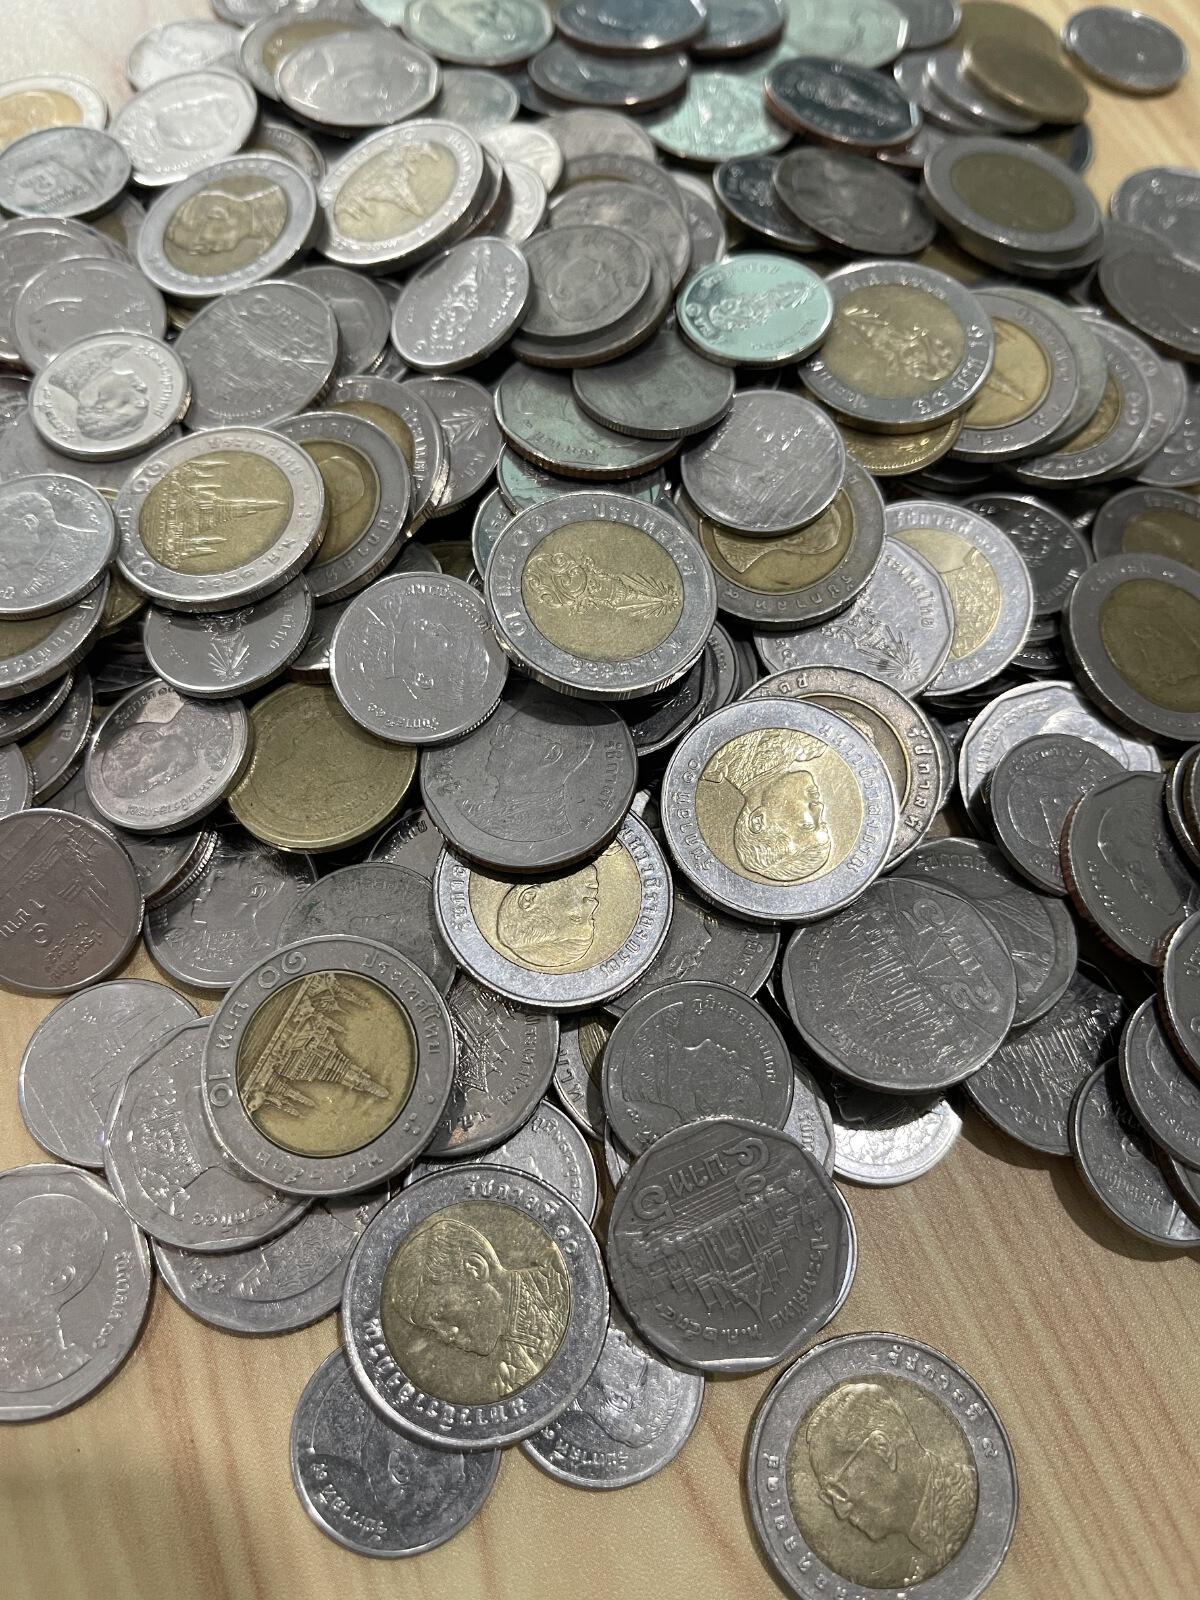 ช่วงโควิด-19ระบาดปัญหาการเงินคือปัญหาใหญ่ของคนไทย